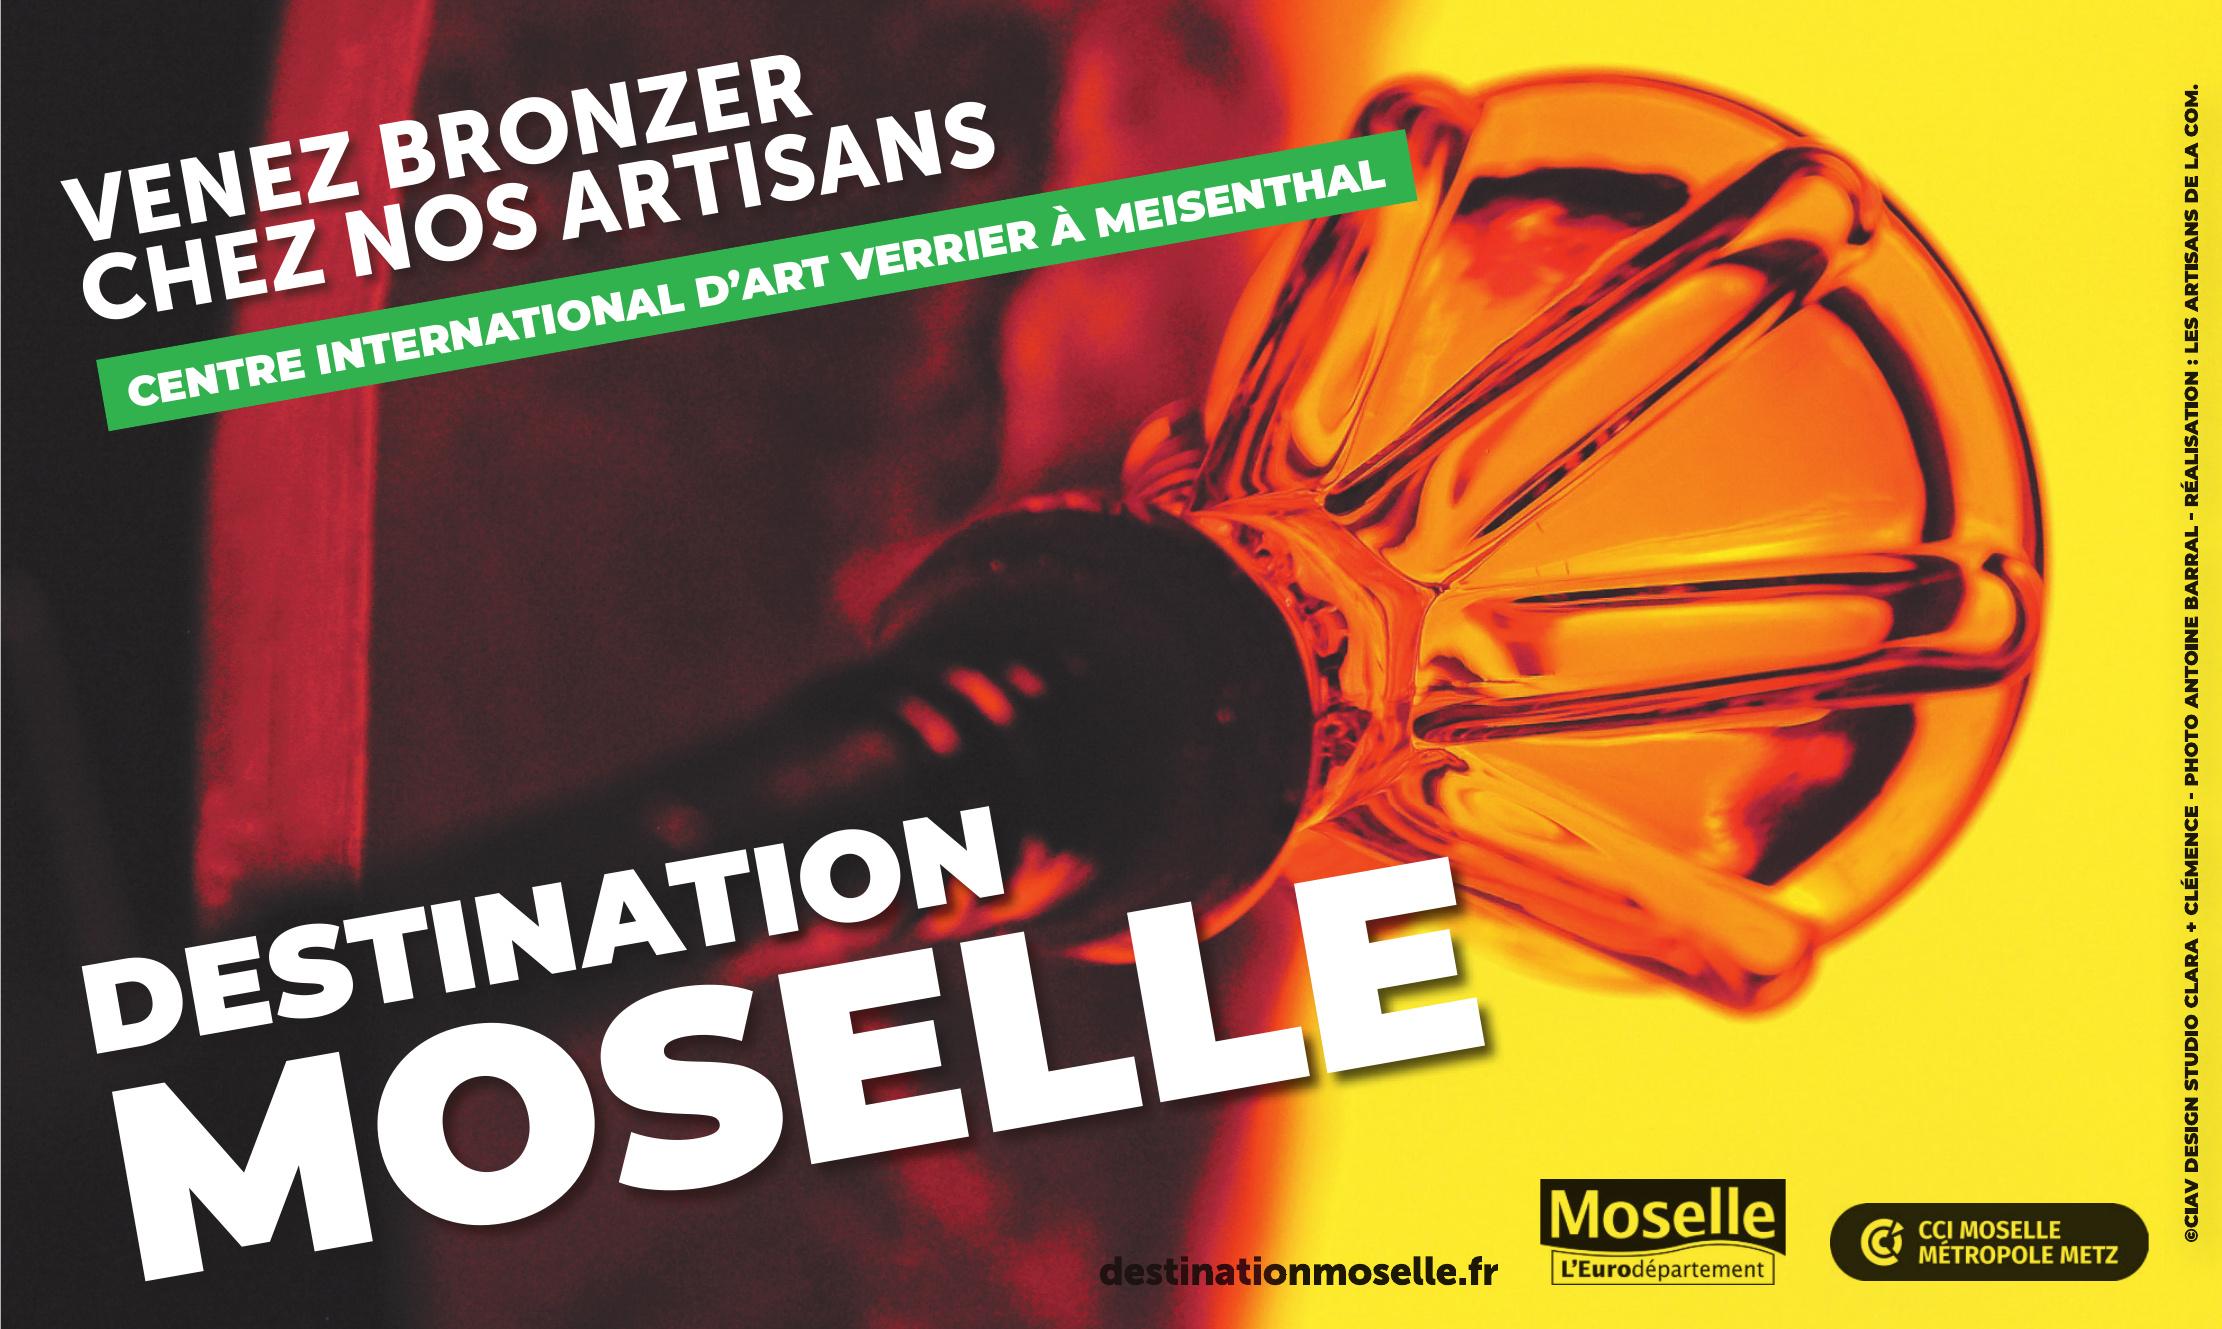 Destination Moselle